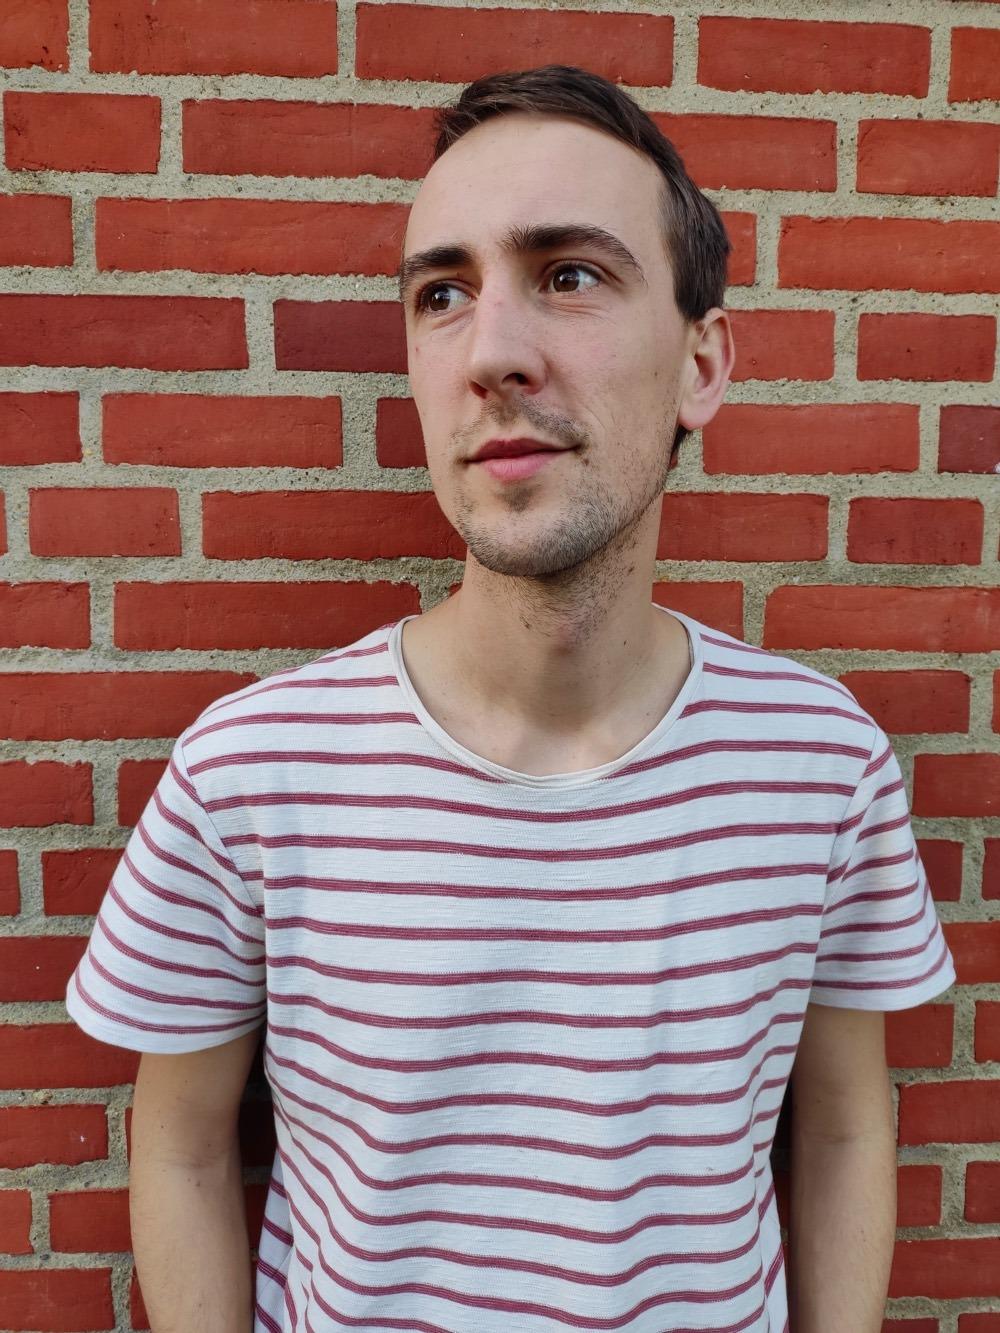 Jens Peter Nebsbjerg